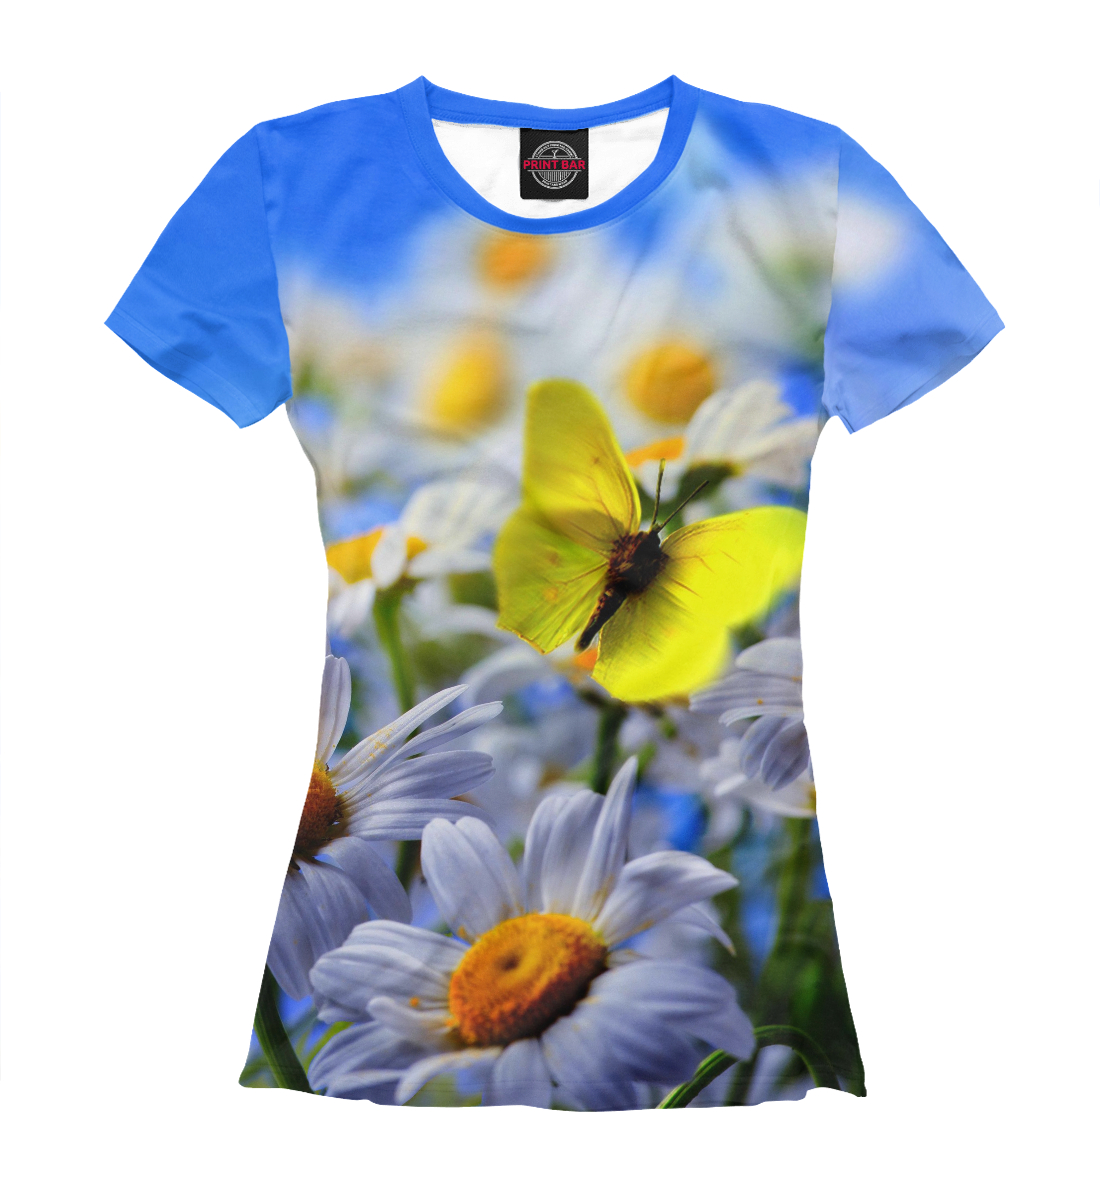 Купить Бабочки и нарциссы, Printbar, Футболки, NAS-164932-fut-1